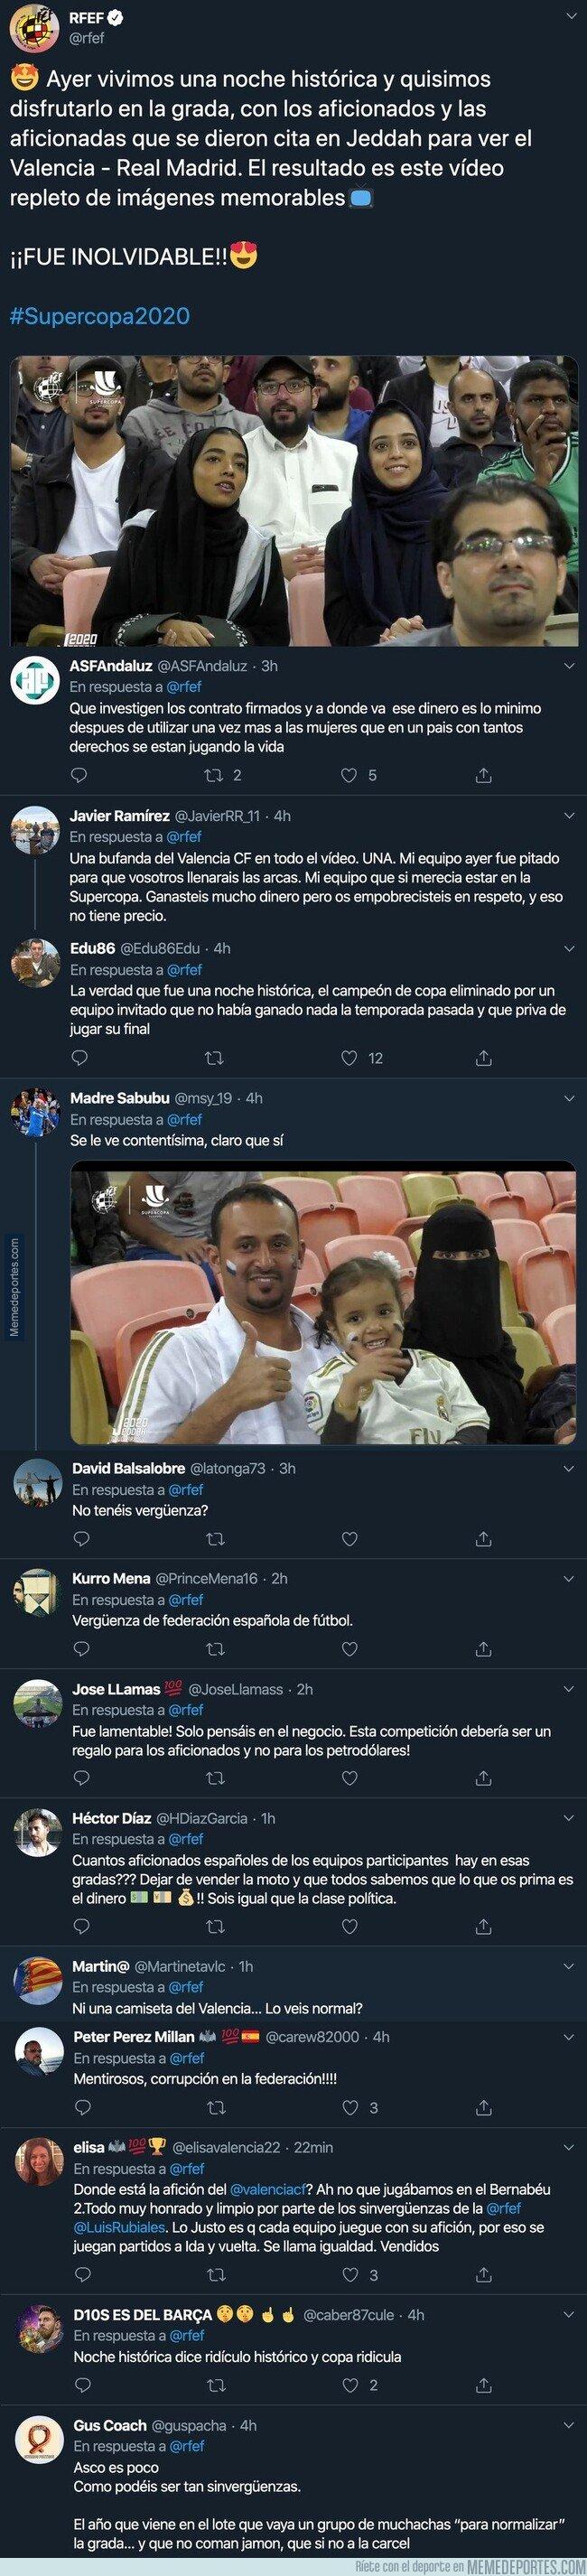 1095356 - La 'Real Federación española de Fútbol' habla de éxito en la celebración de la Supercopa en Arabia Saudí y le cae una lluvia de críticas con todos estos mensajes